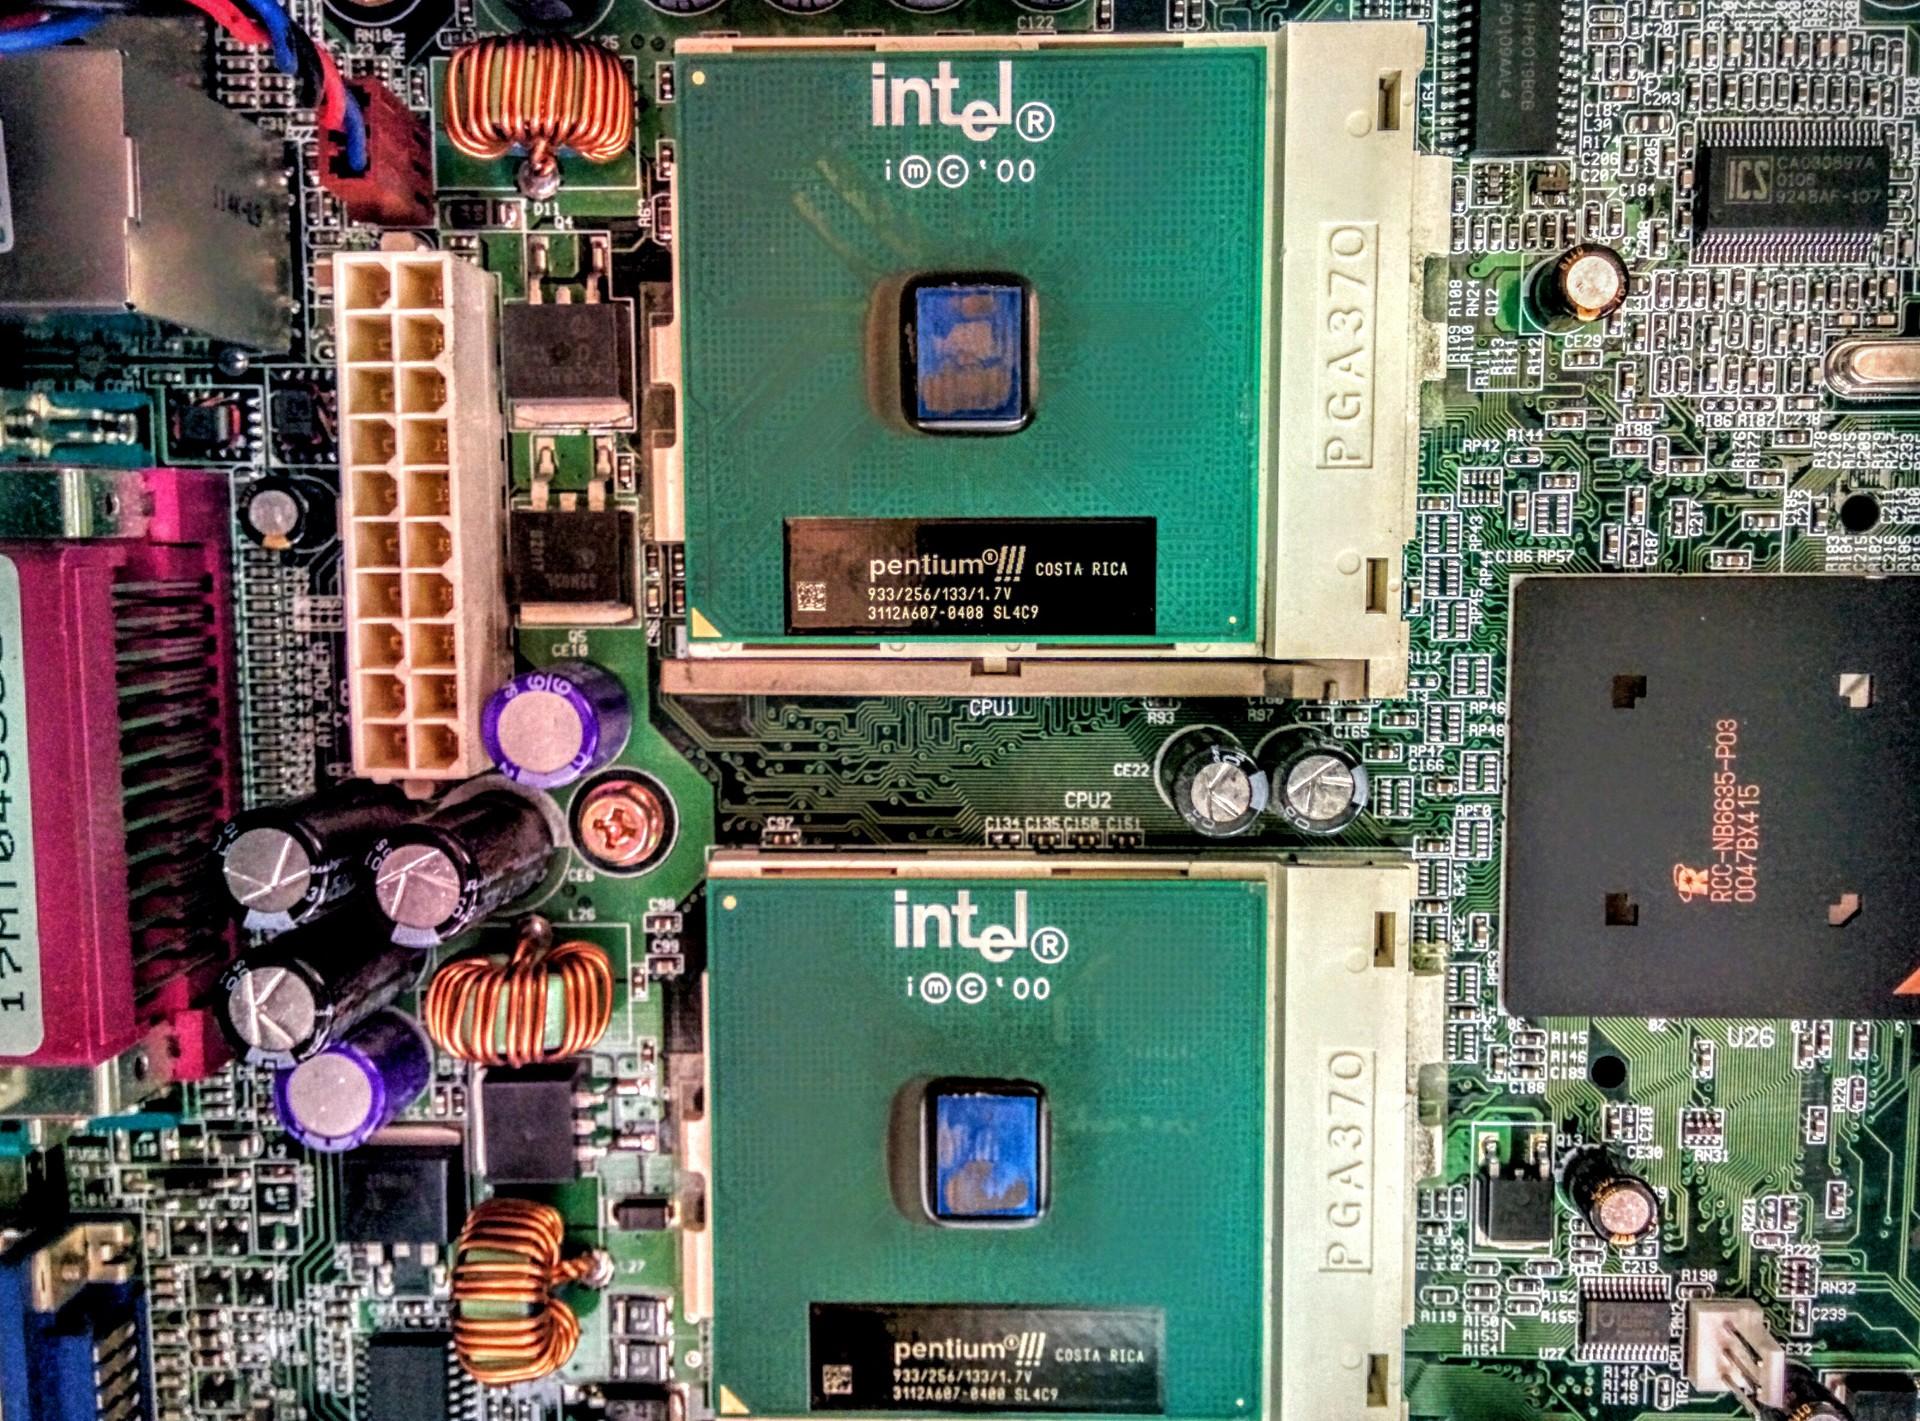 Dual Pentium III 733 Mhz Processors